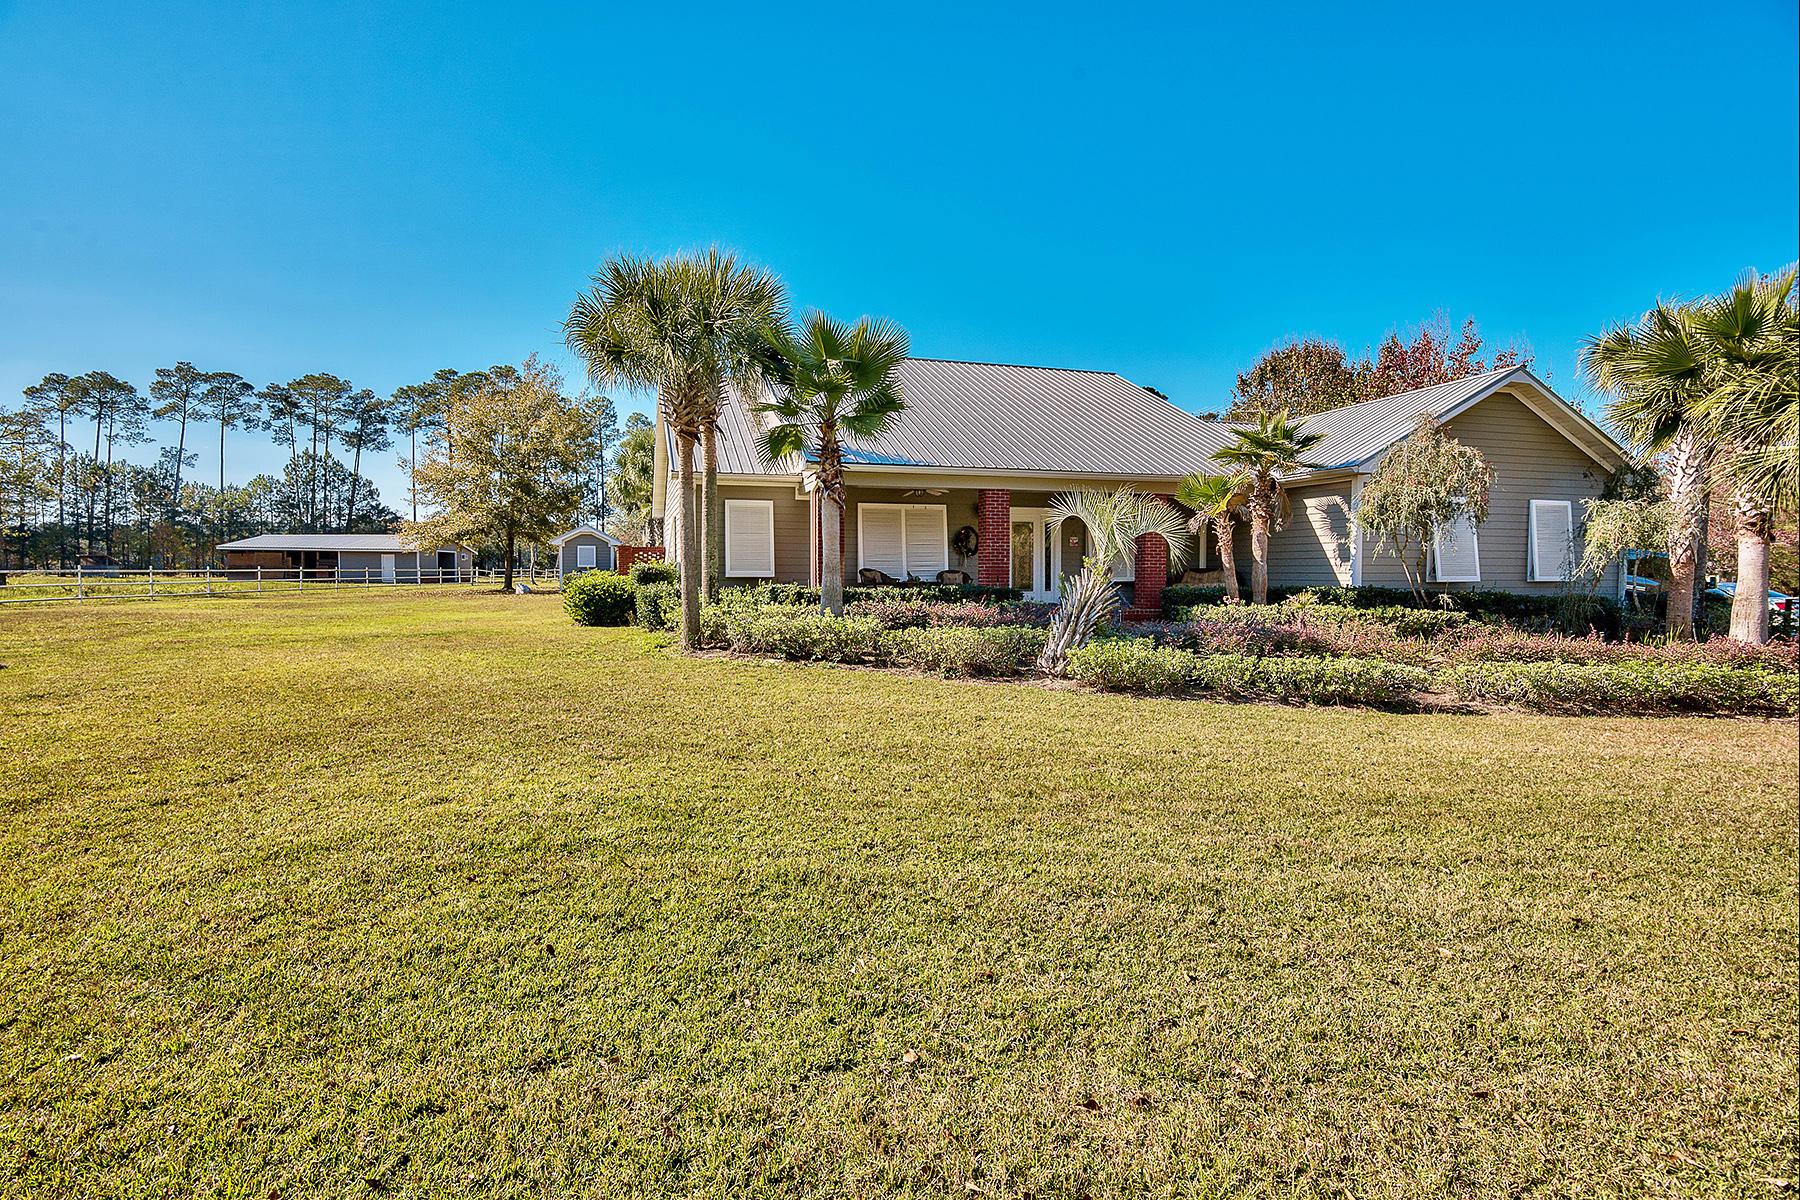 Casa para uma família para Venda às EQUESTRIAN ESTATE WITH WATERFRONT ACCESS 356 Whitfield Road Freeport, Florida, 32439 Estados Unidos